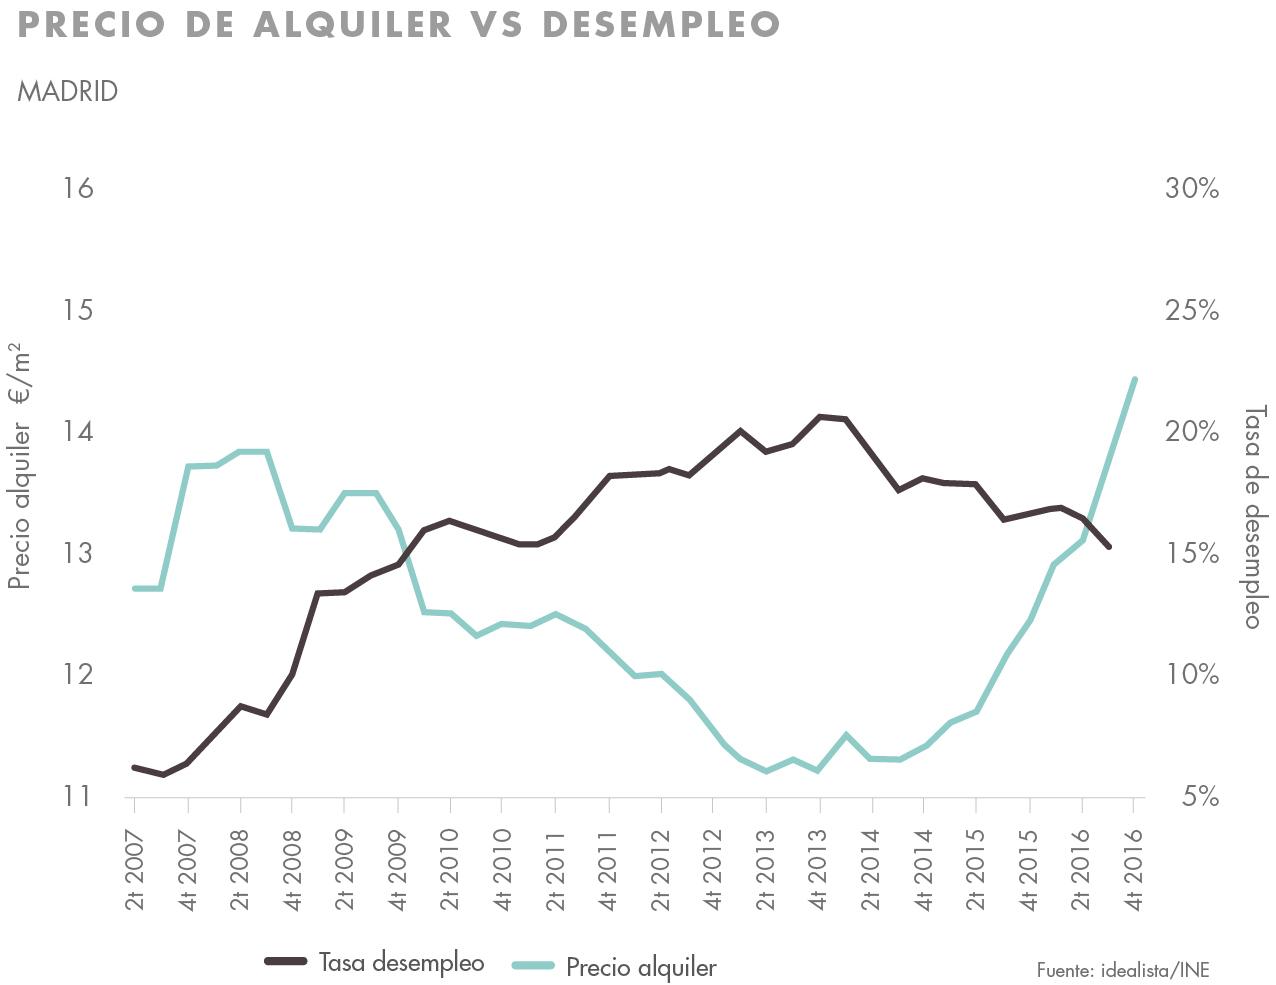 Comprar para alquilar desempleo y precio del alquiler madrid